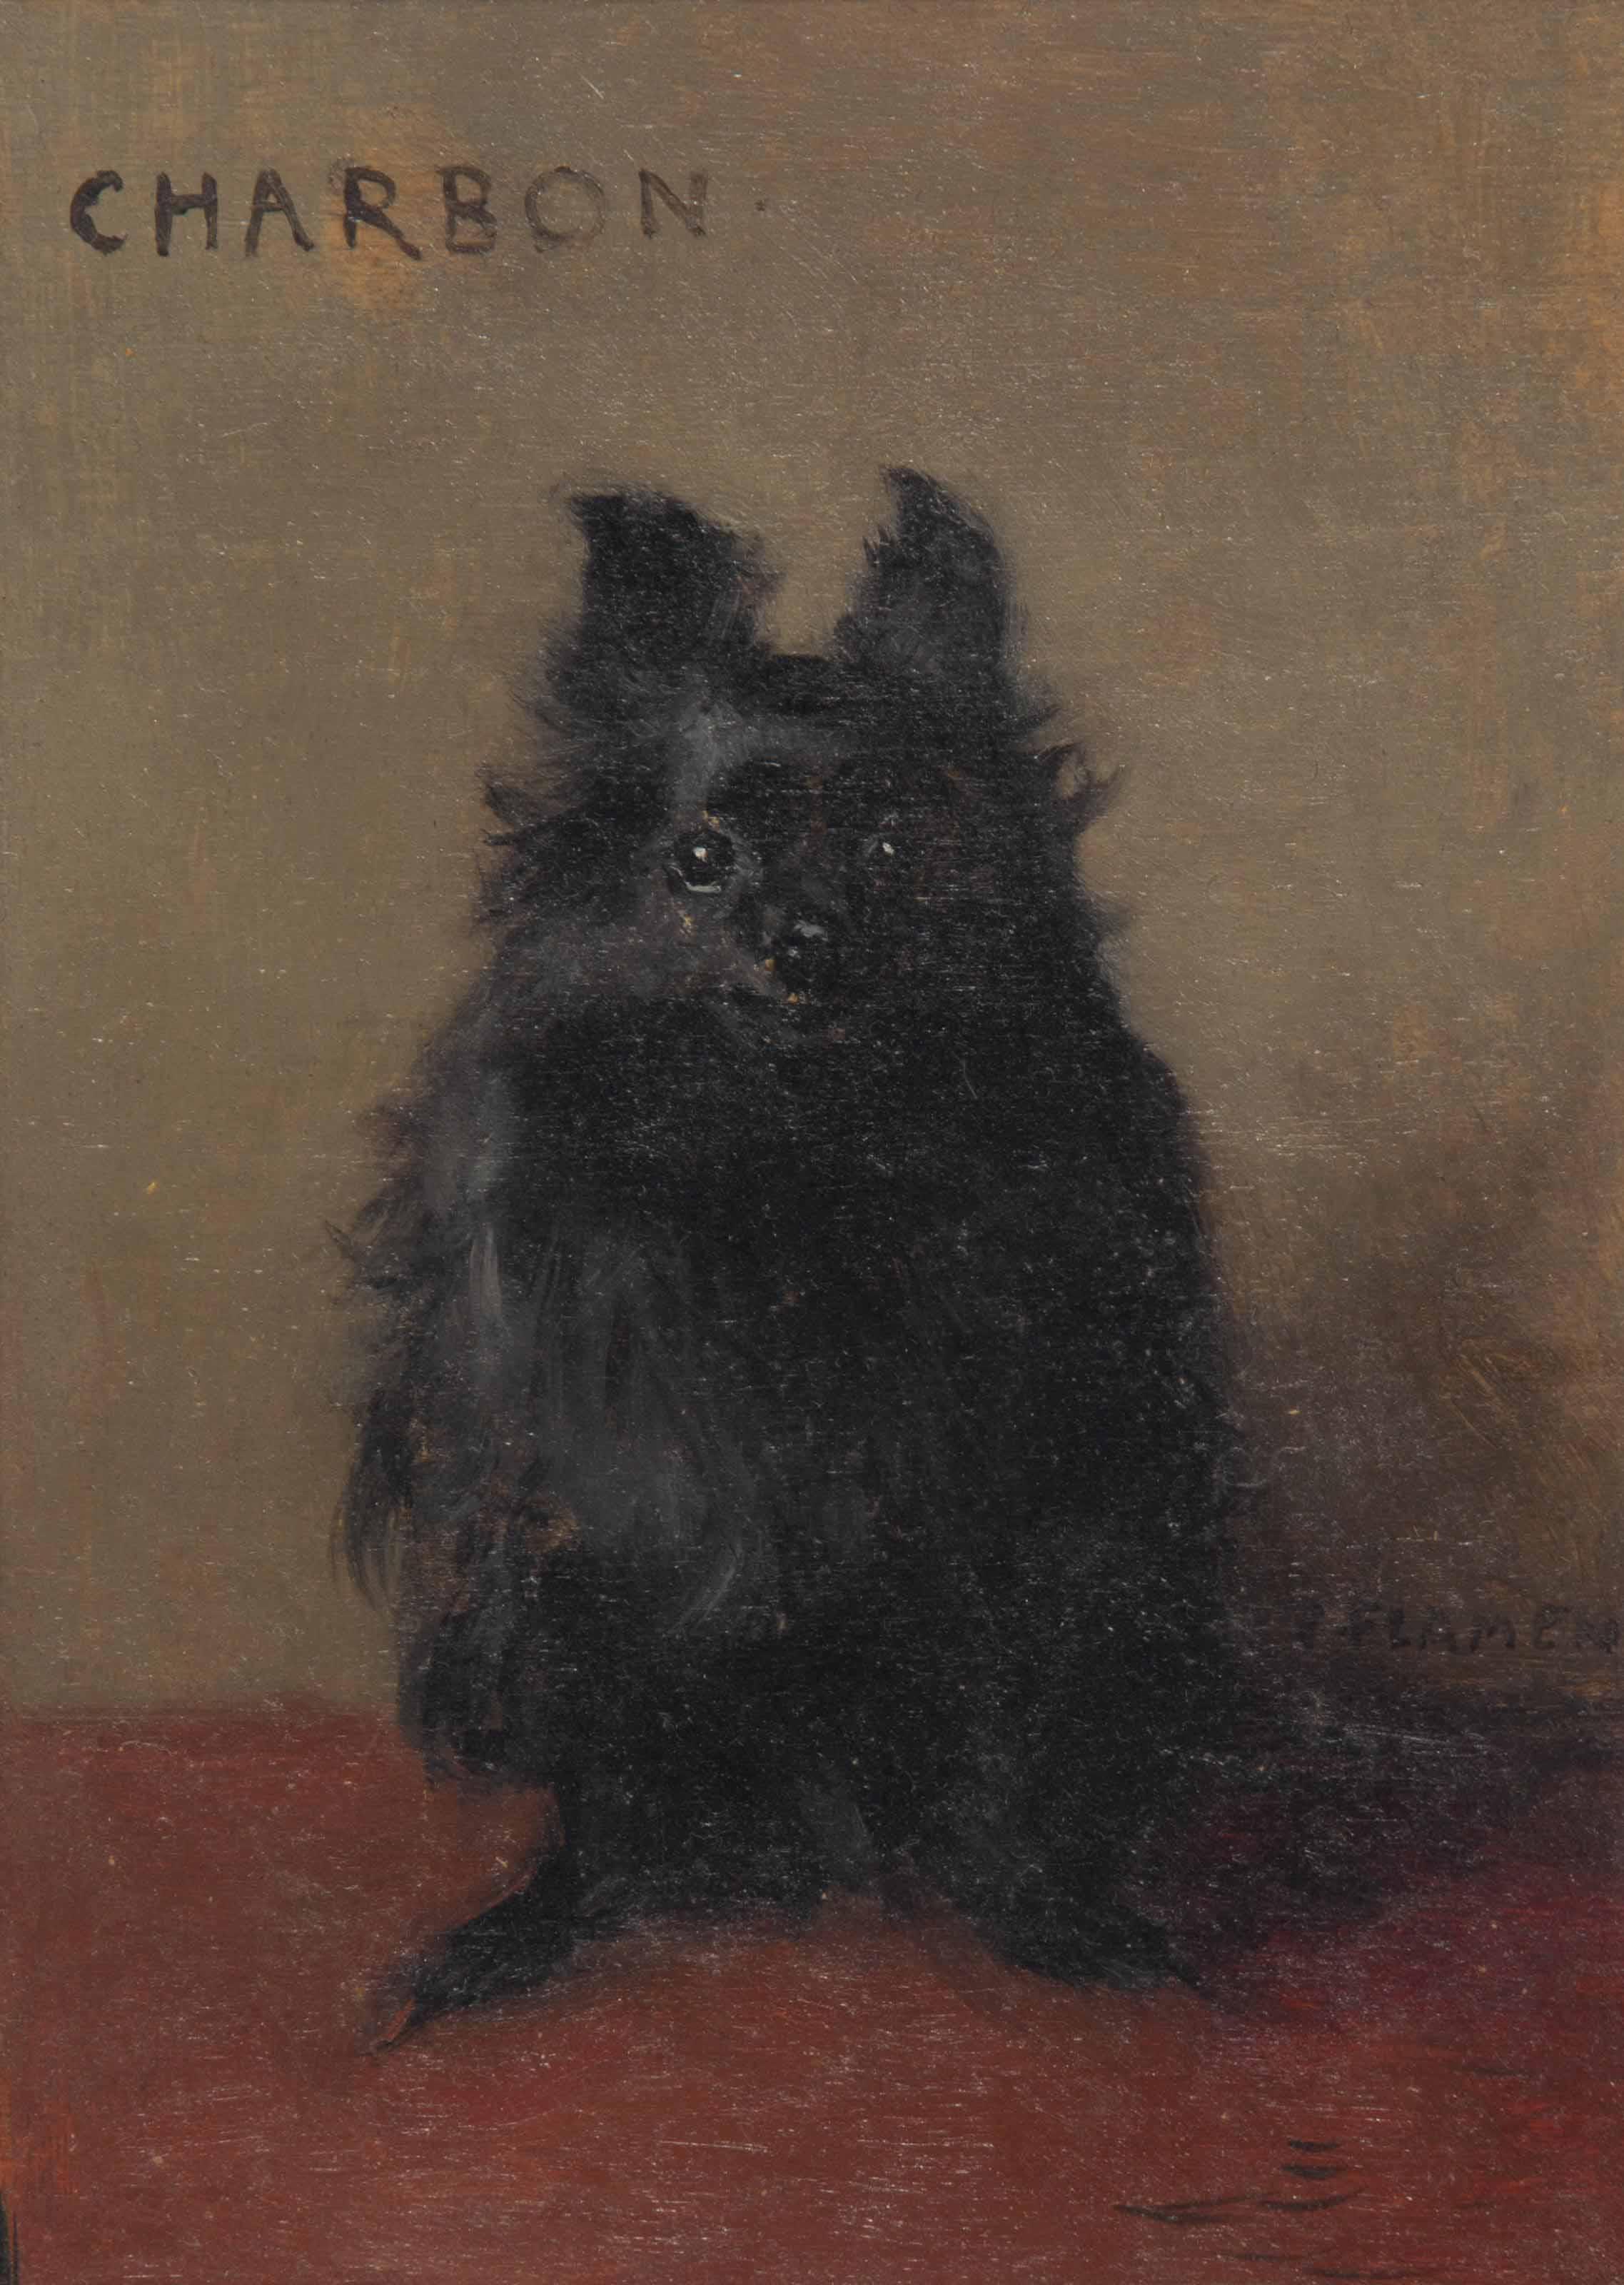 'Charbon': Portrait of a Dog